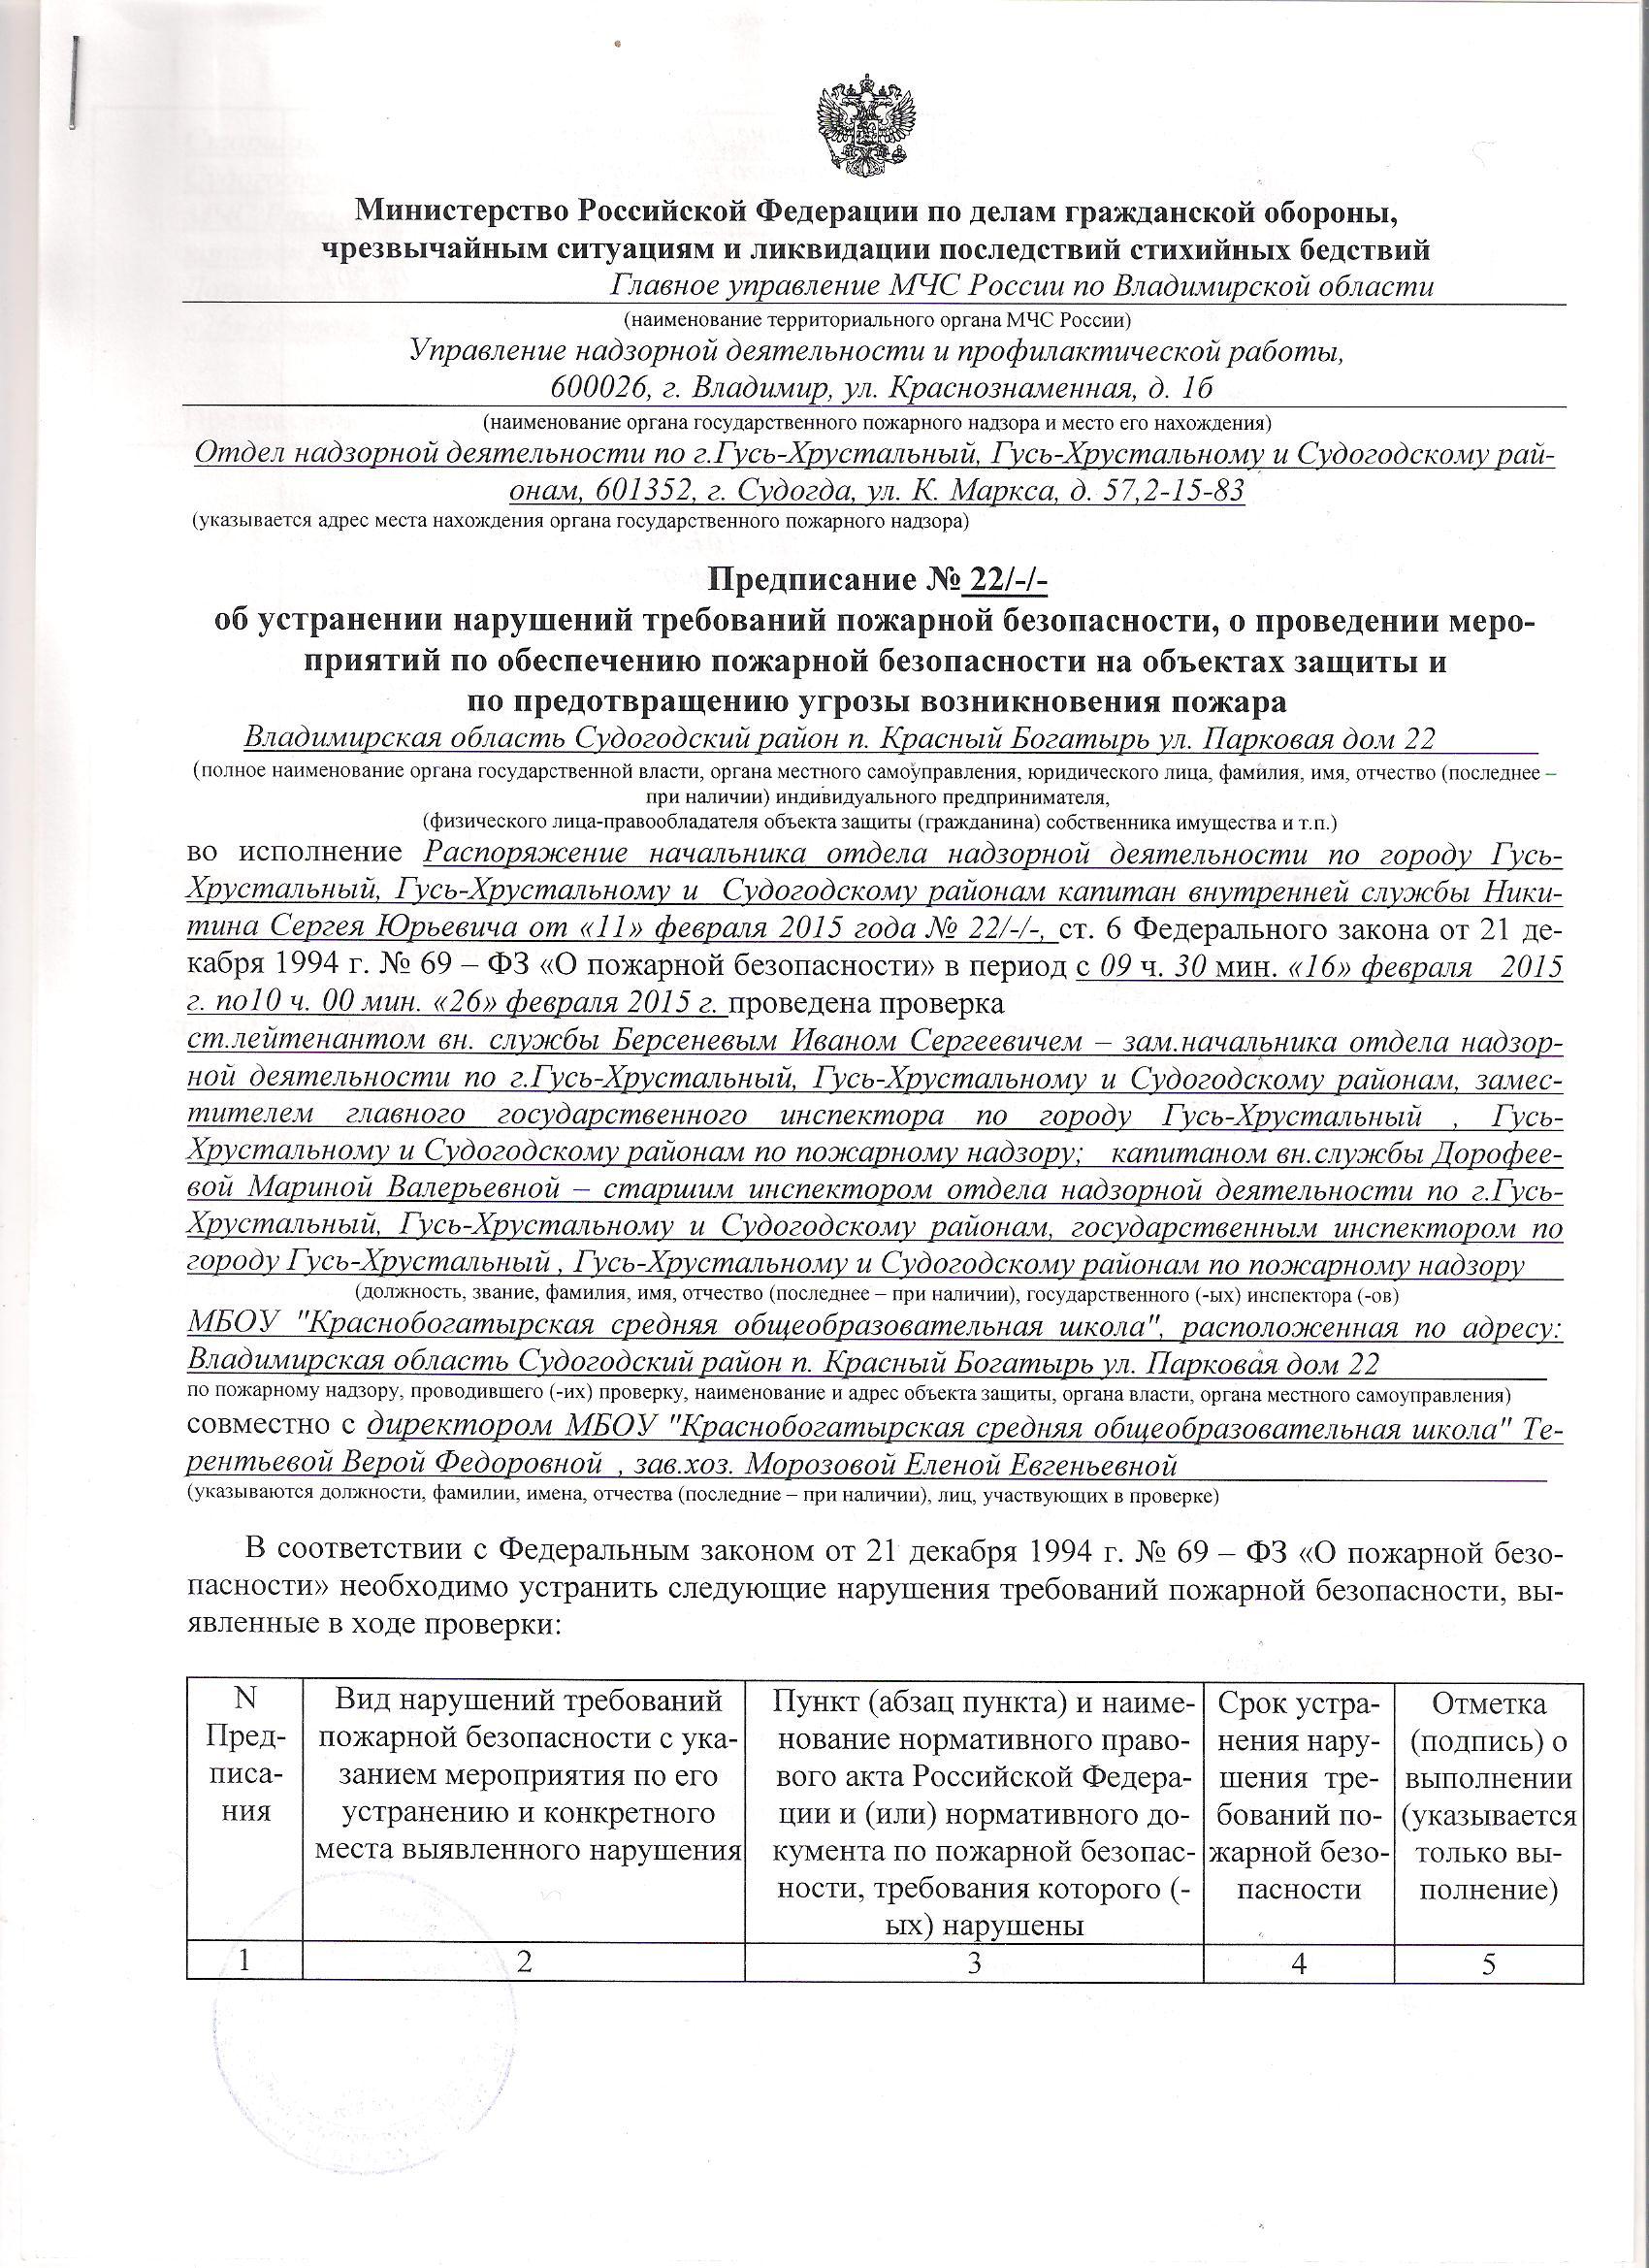 Запрос по предписаниям надзорных органов за три года